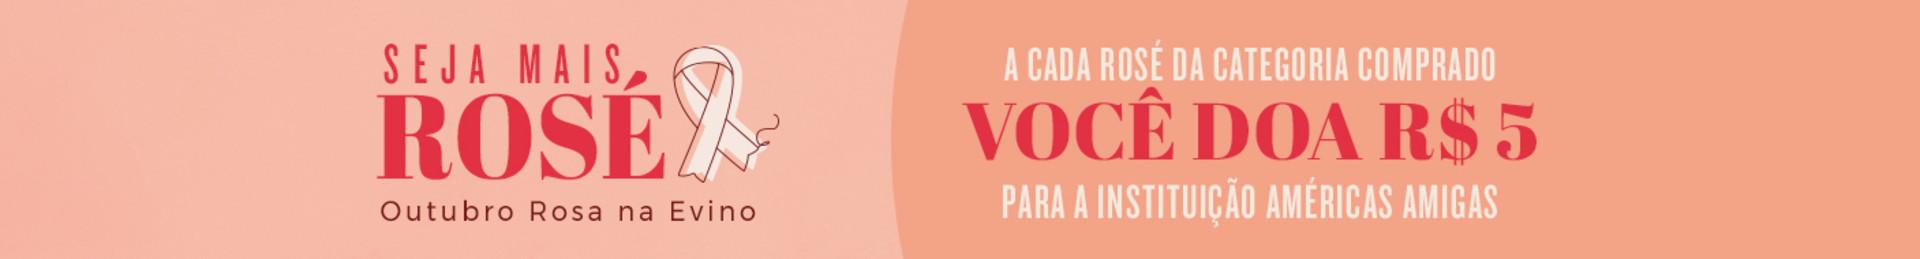 OUTUBRO ROSA NA EVINO: A cada rosé comprado, você doa R$5 para a instituição Américas Amigas.